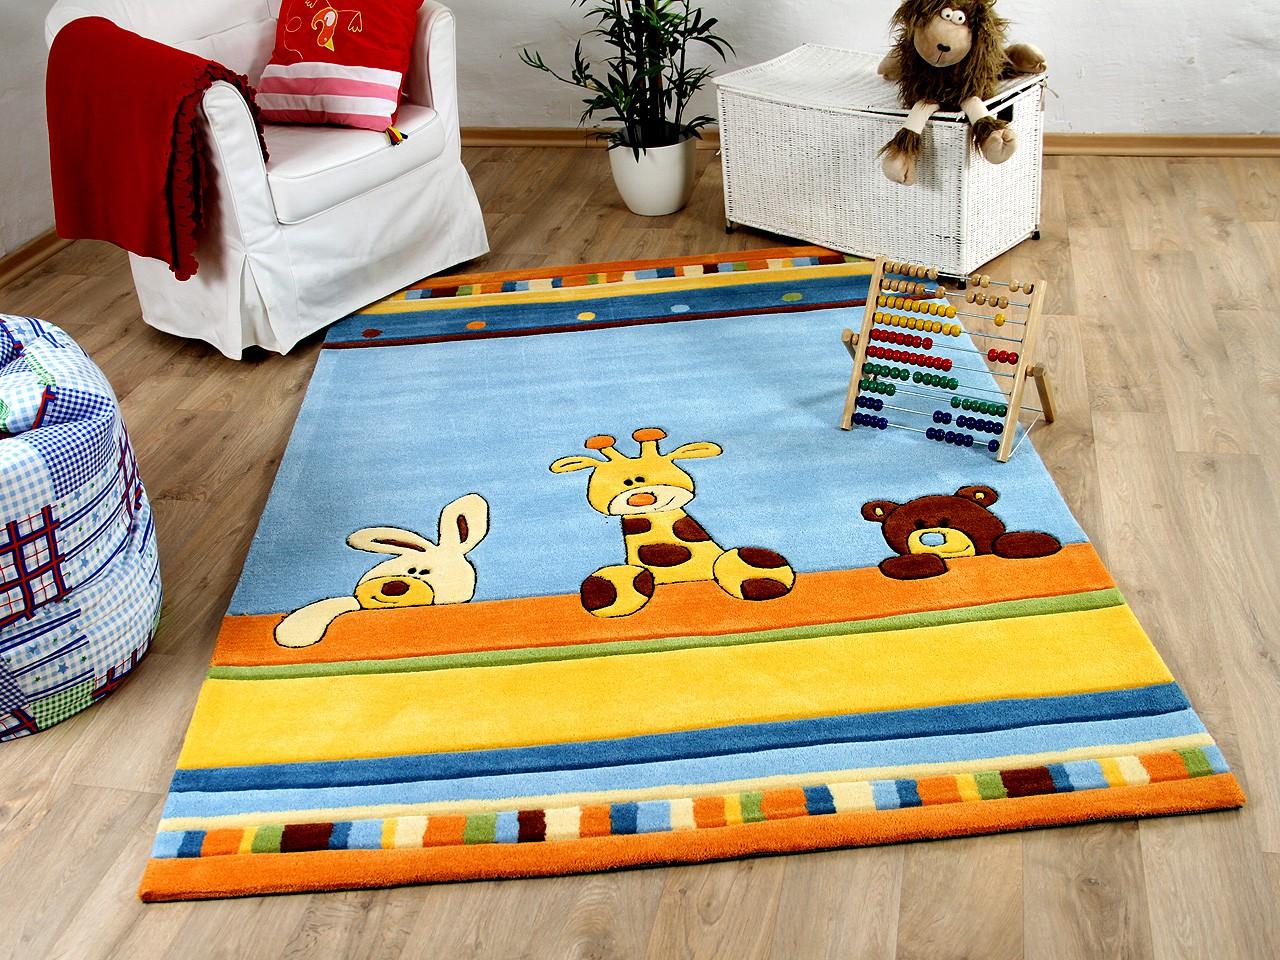 Lifestyle Kinderteppich Giraffe Blau !!! Sofort Lieferbar